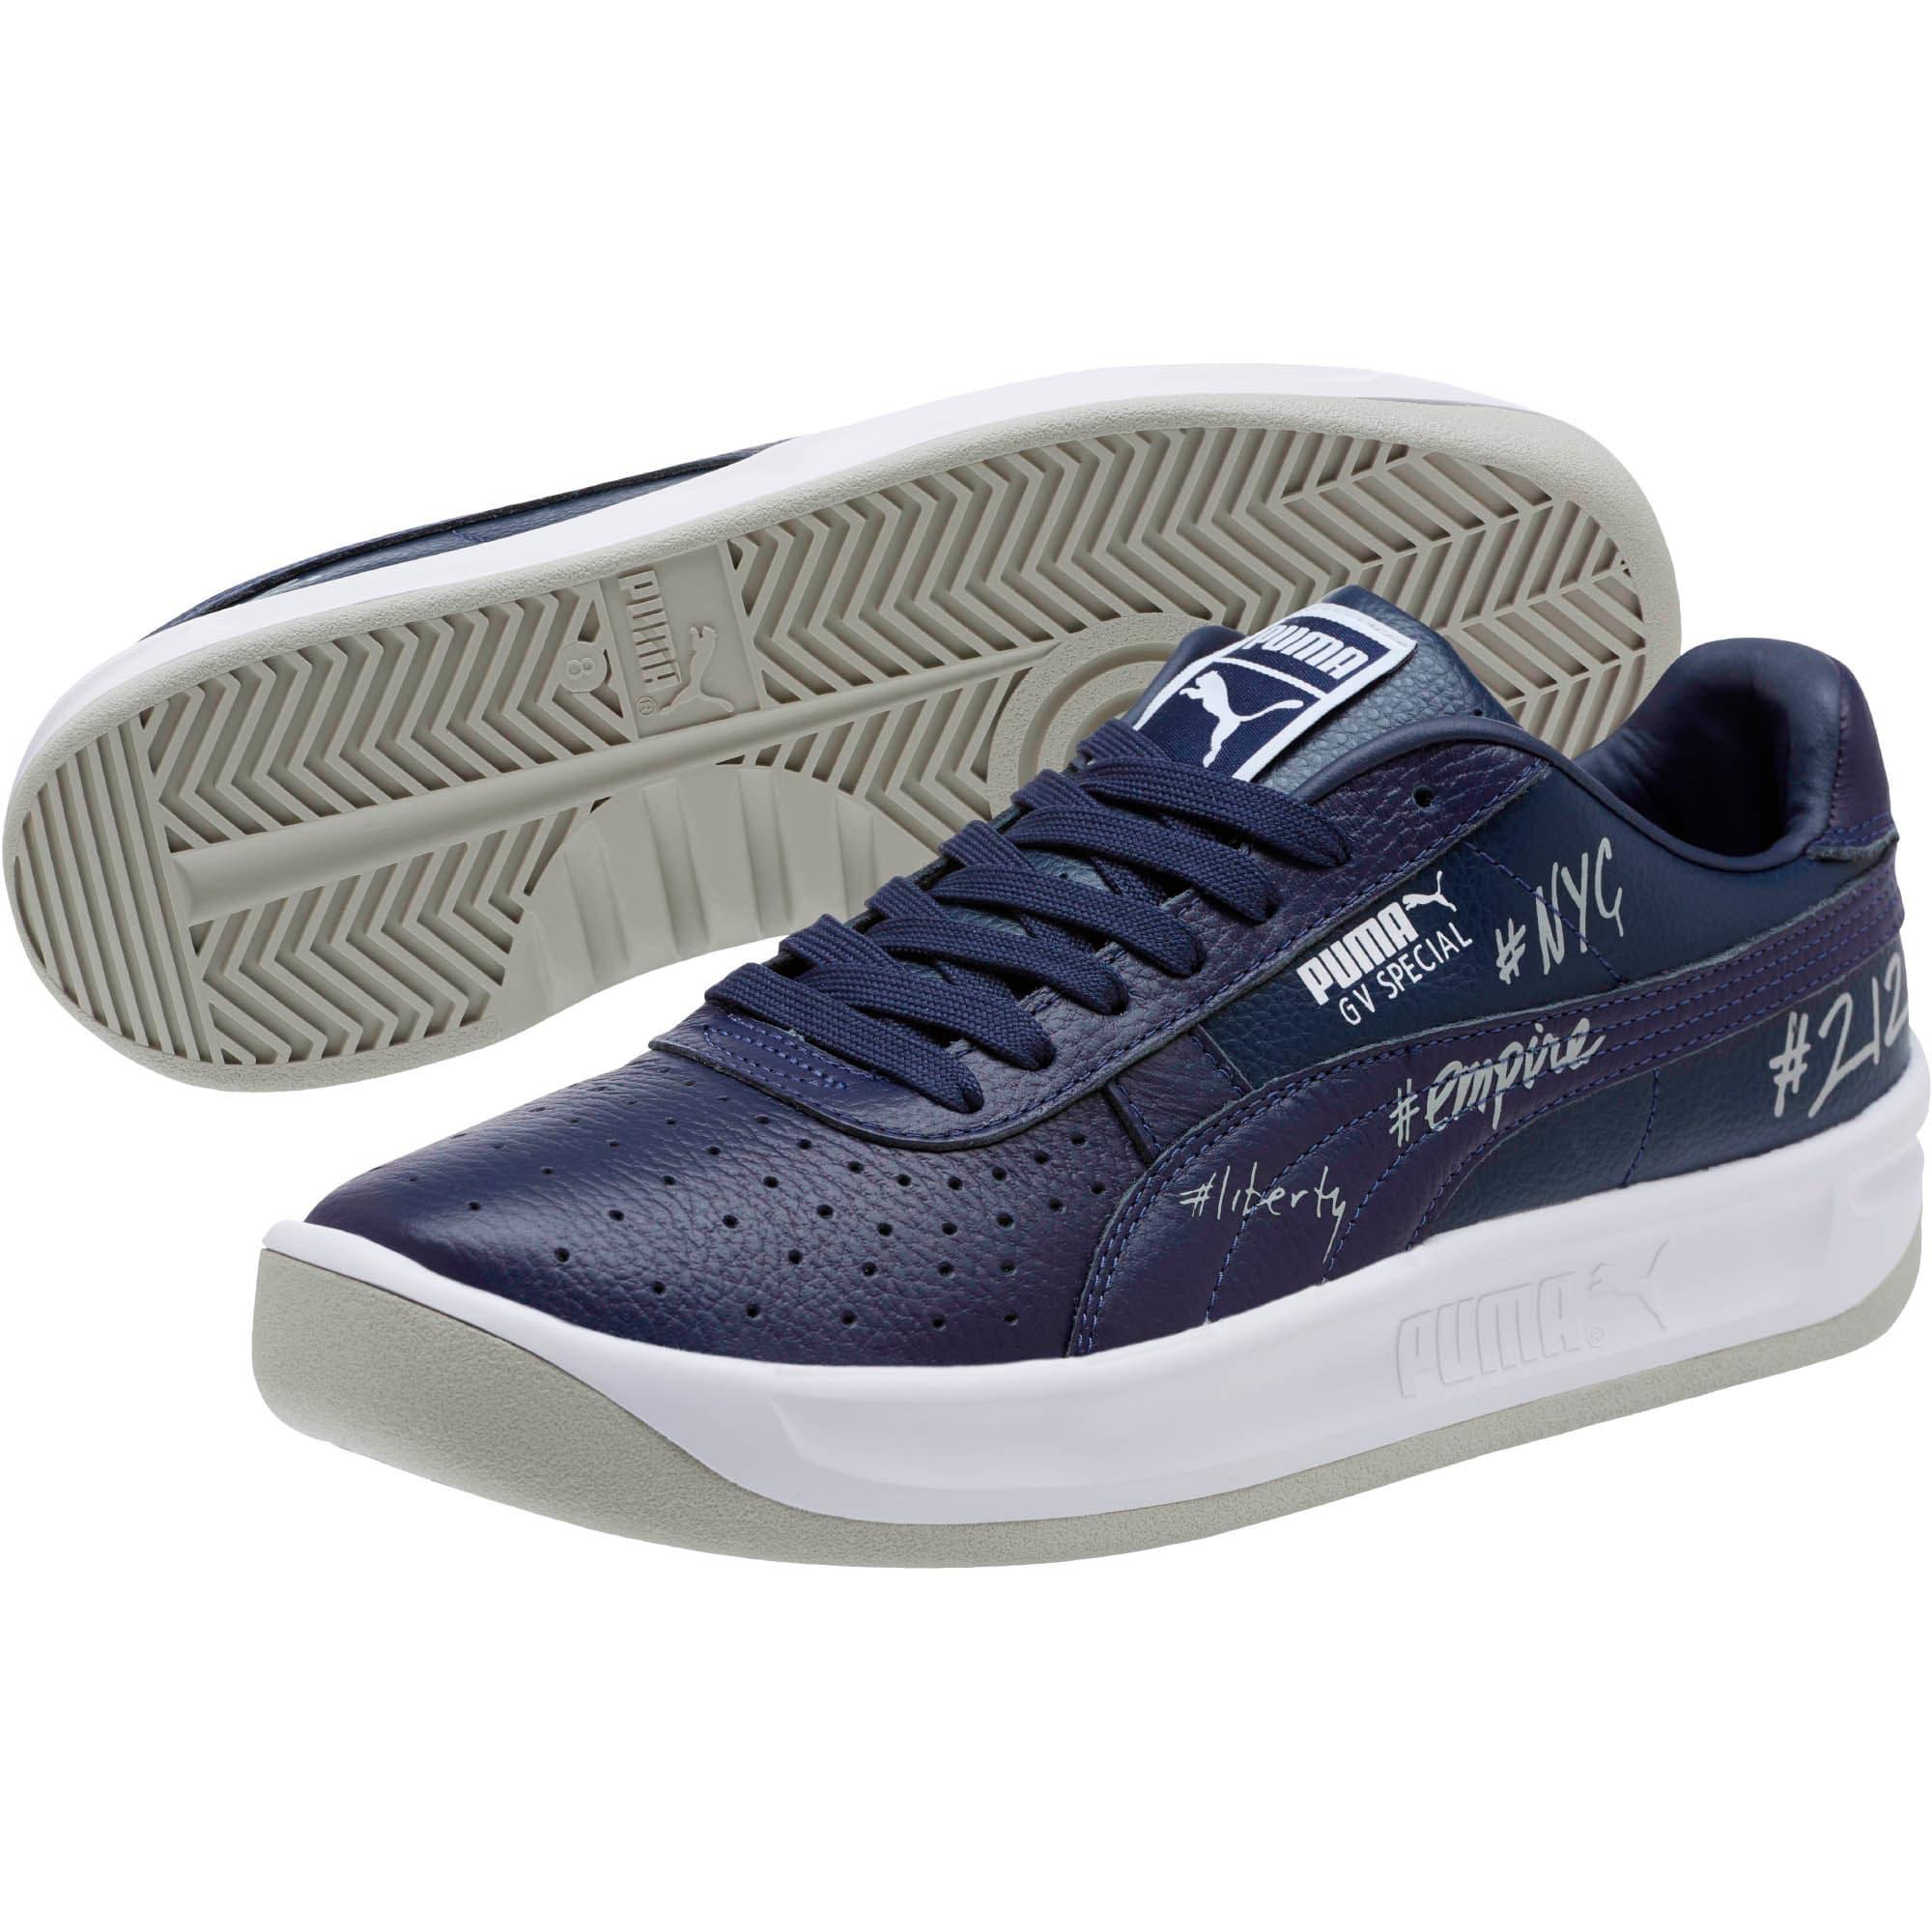 Thumbnail 2 of GV Special NYC Sneakers, Peacoat-Puma White-Gray Vlt, medium